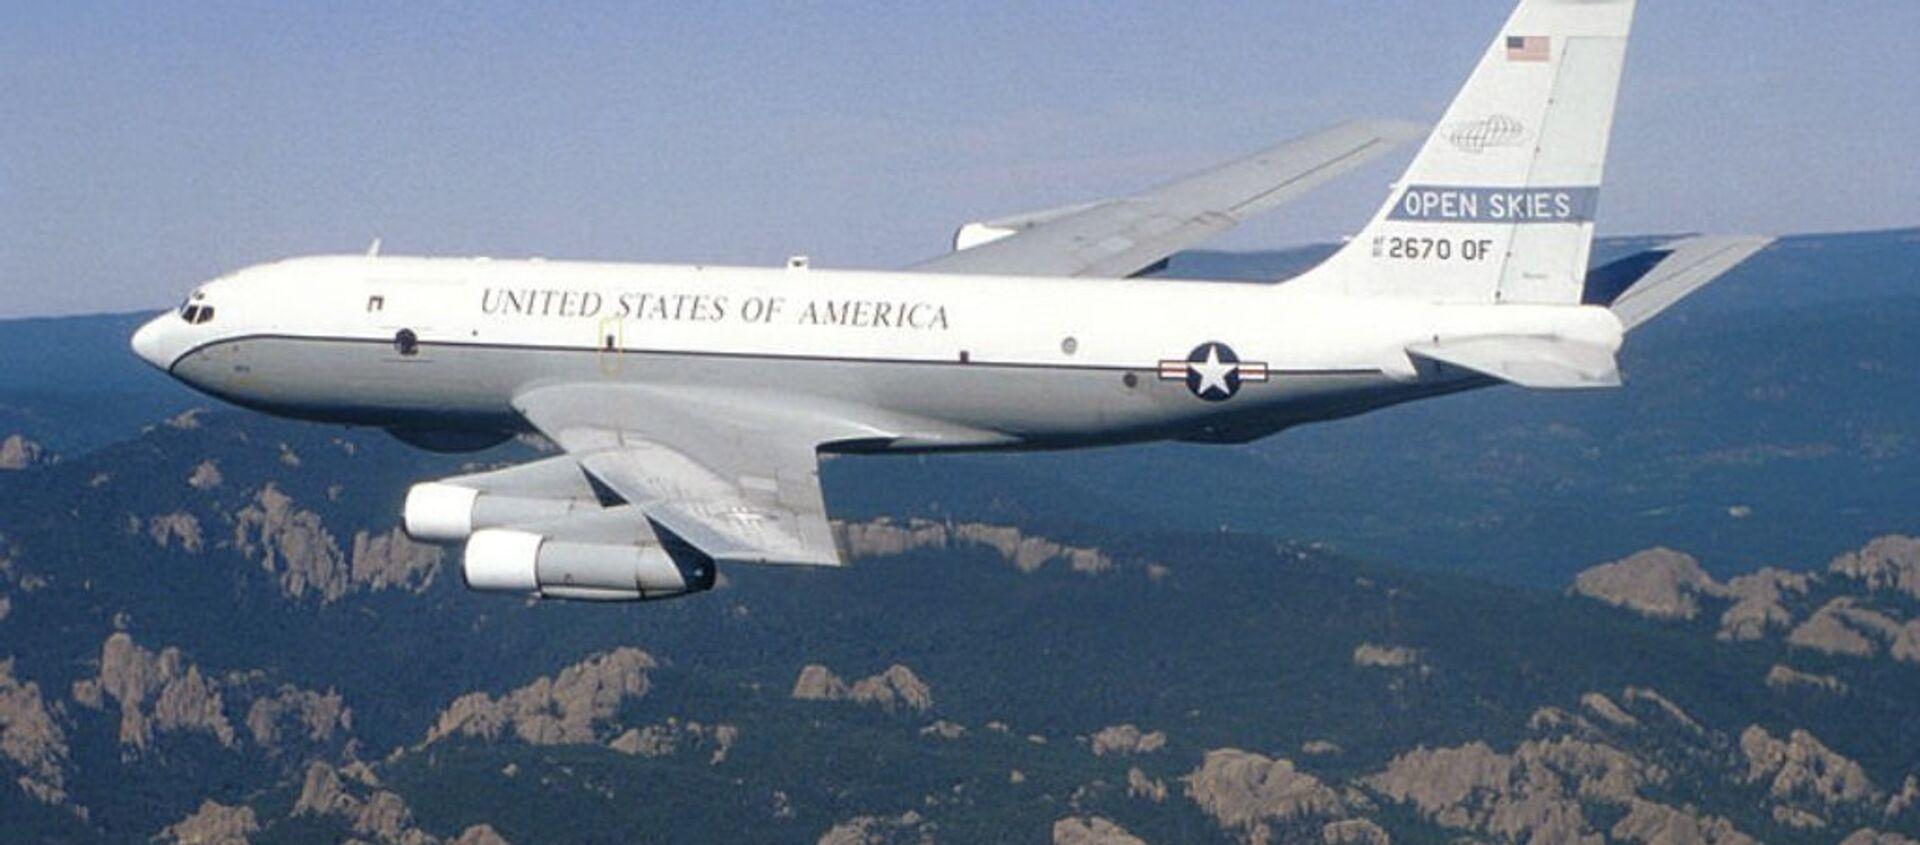 """Aereo di ricognizione USA """"OC-135B"""" - Sputnik Italia, 1920, 24.08.2020"""